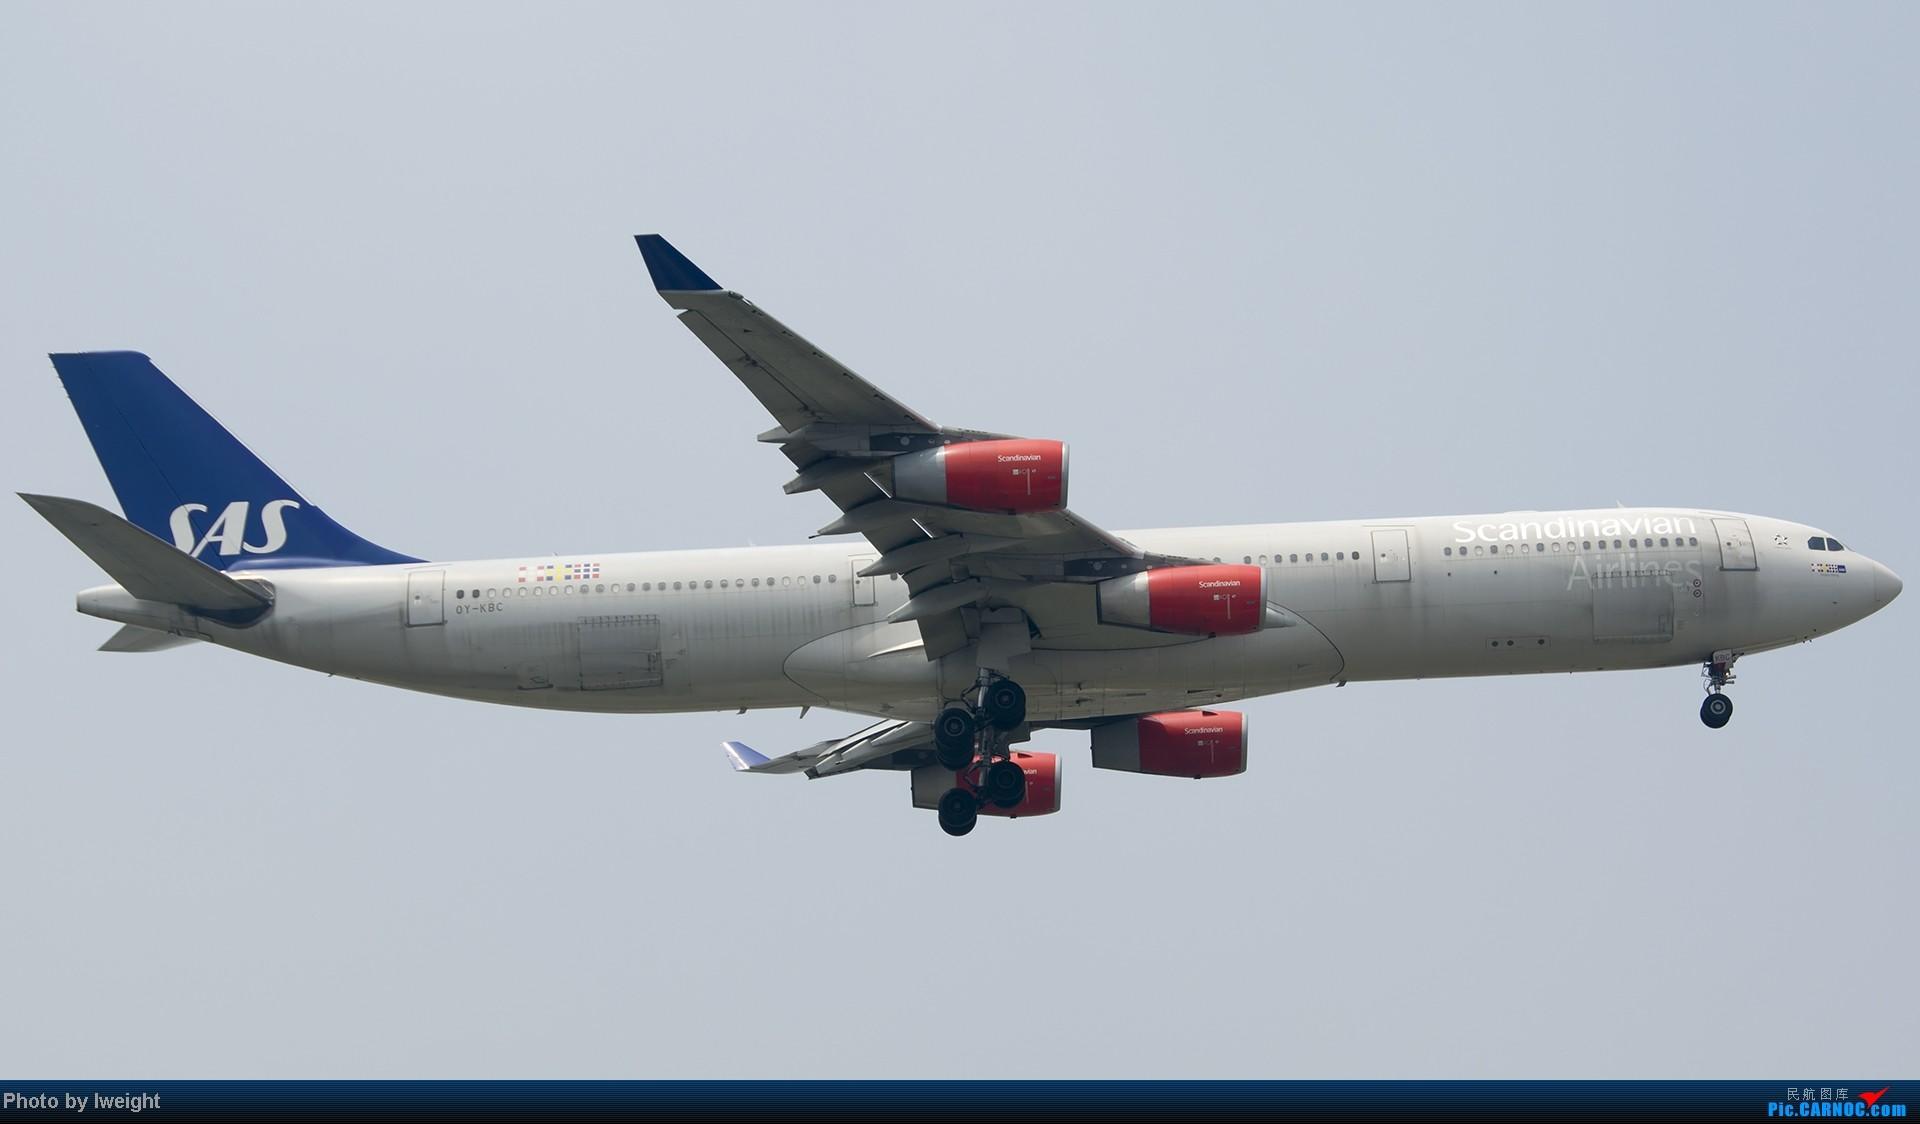 Re:[原创]休假无聊,跑道边来拍机玩(晚点的ZestAir、换装的B6100和刚交付的B2738等) AIRBUS A340-300 OY-KBC 中国北京首都机场